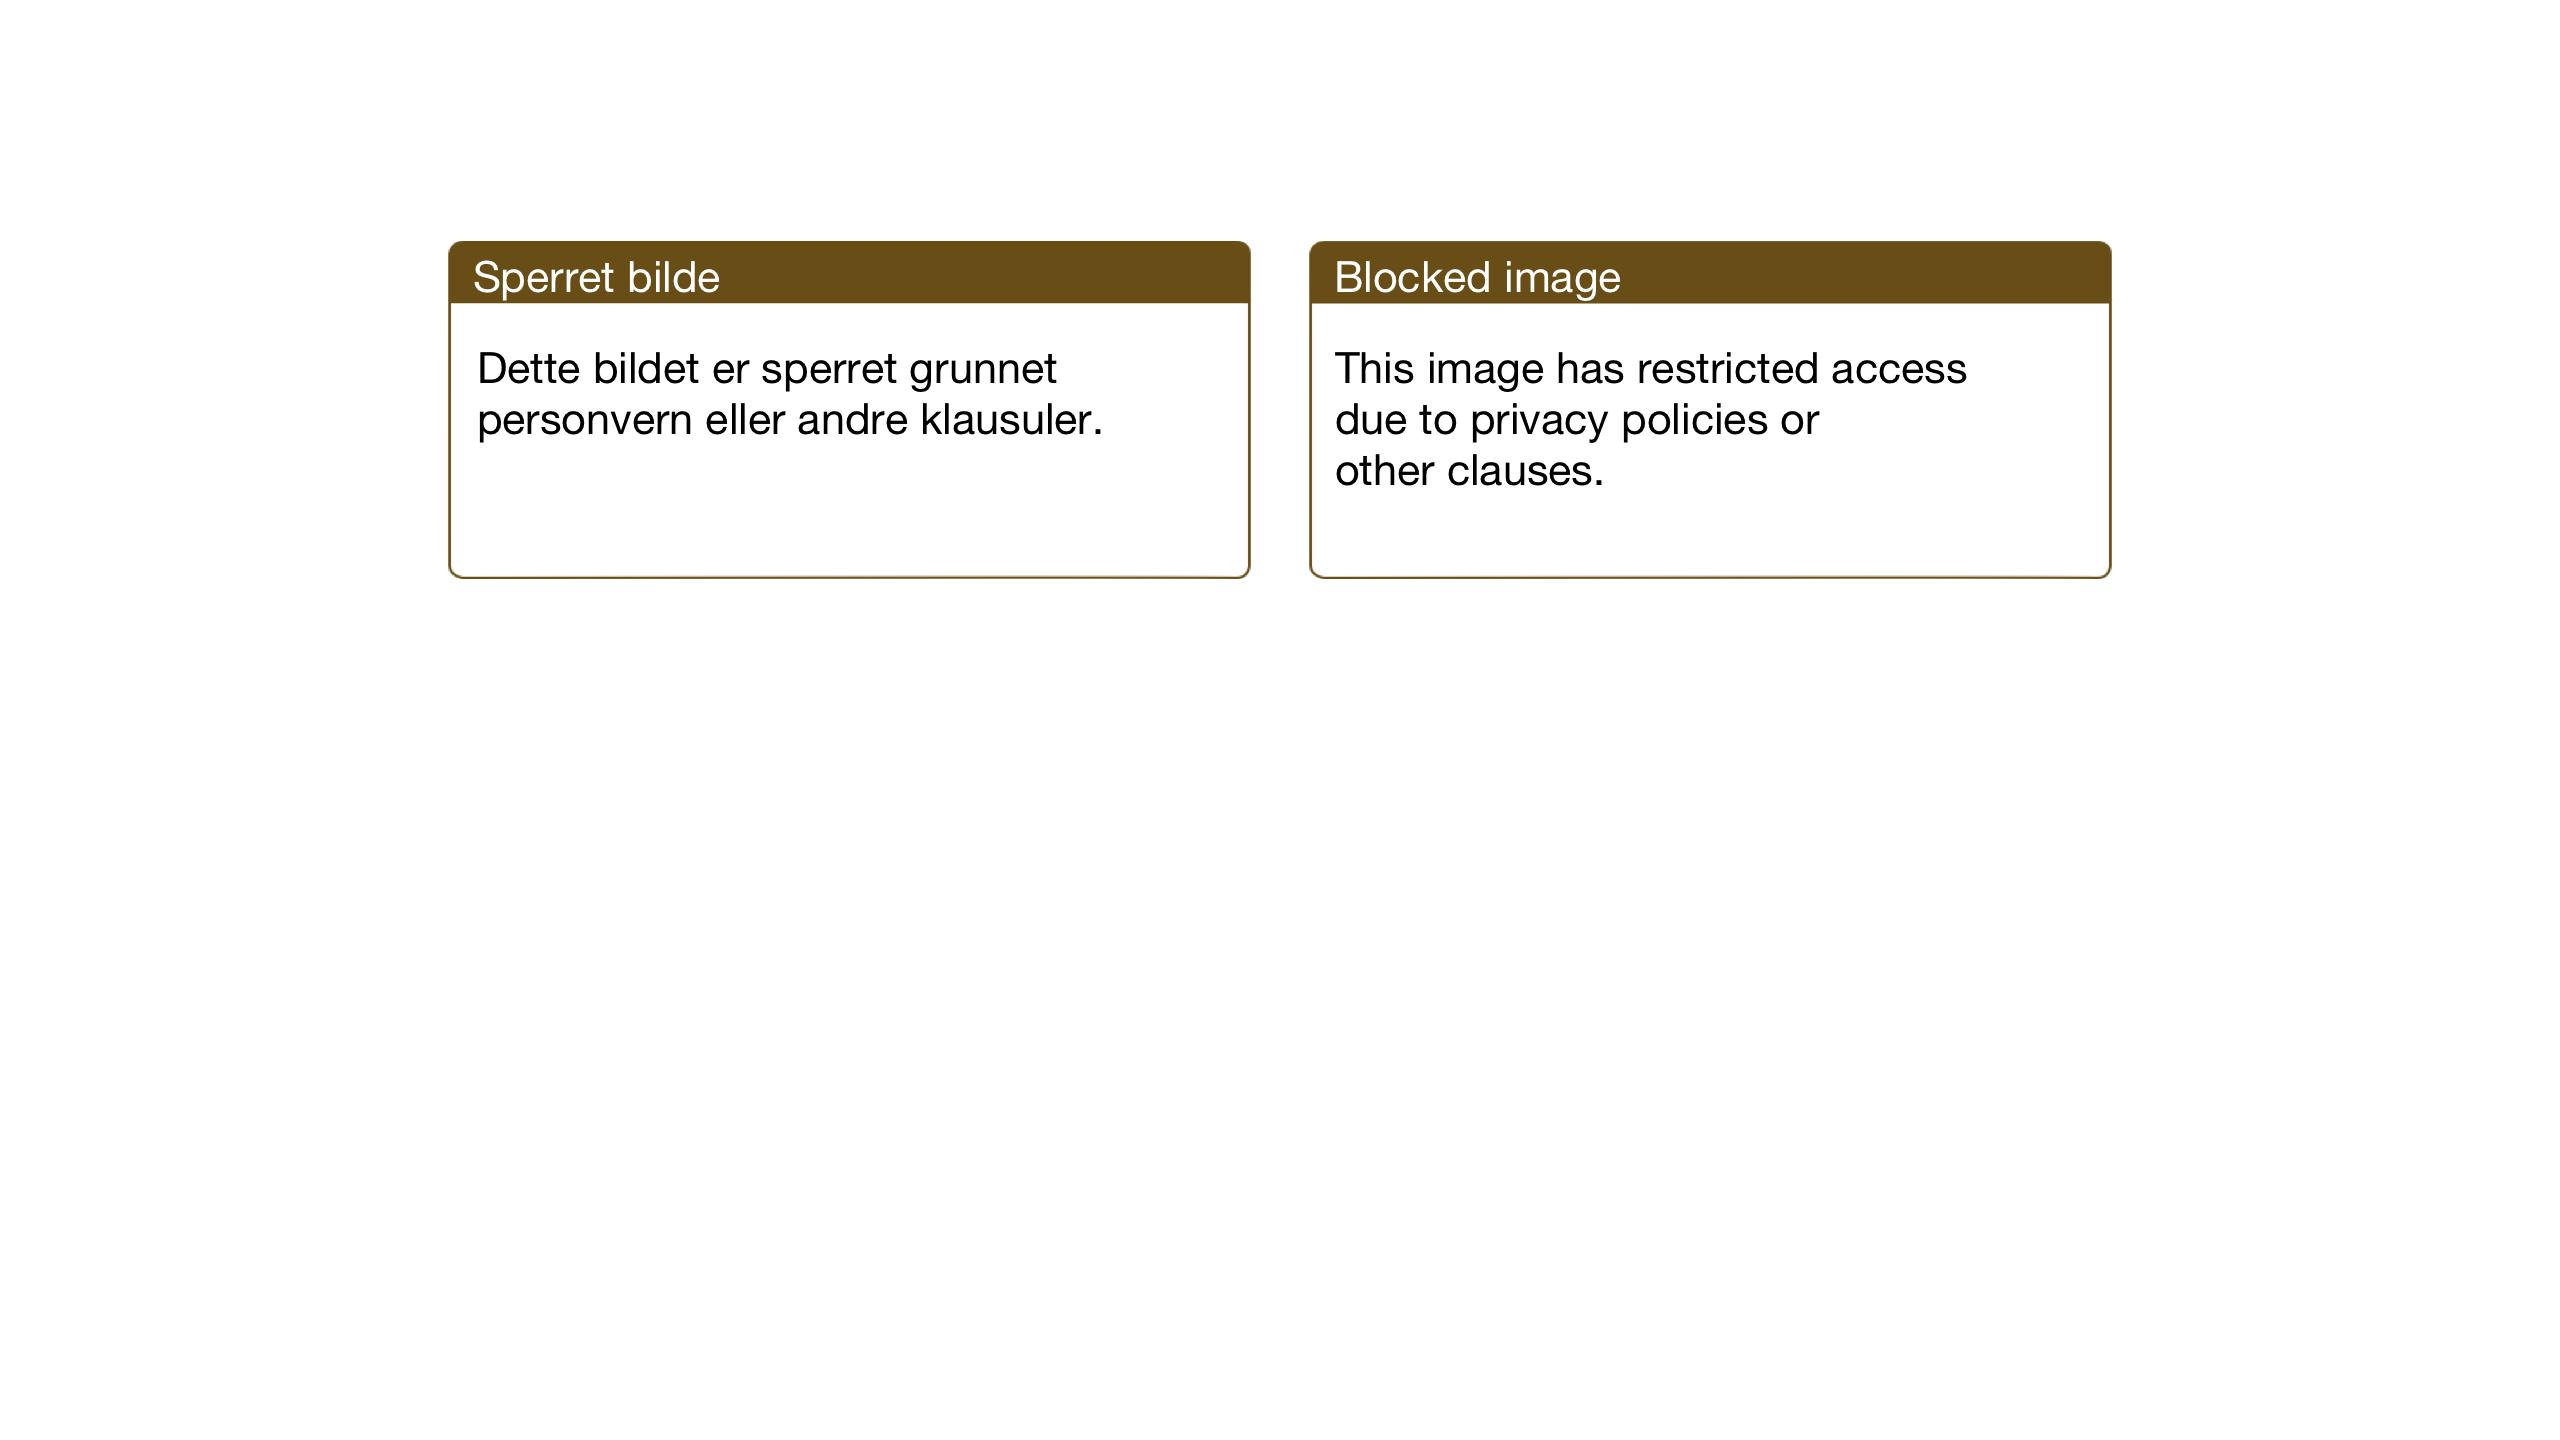 SAT, Ministerialprotokoller, klokkerbøker og fødselsregistre - Nord-Trøndelag, 733/L0328: Klokkerbok nr. 733C03, 1919-1966, s. 40